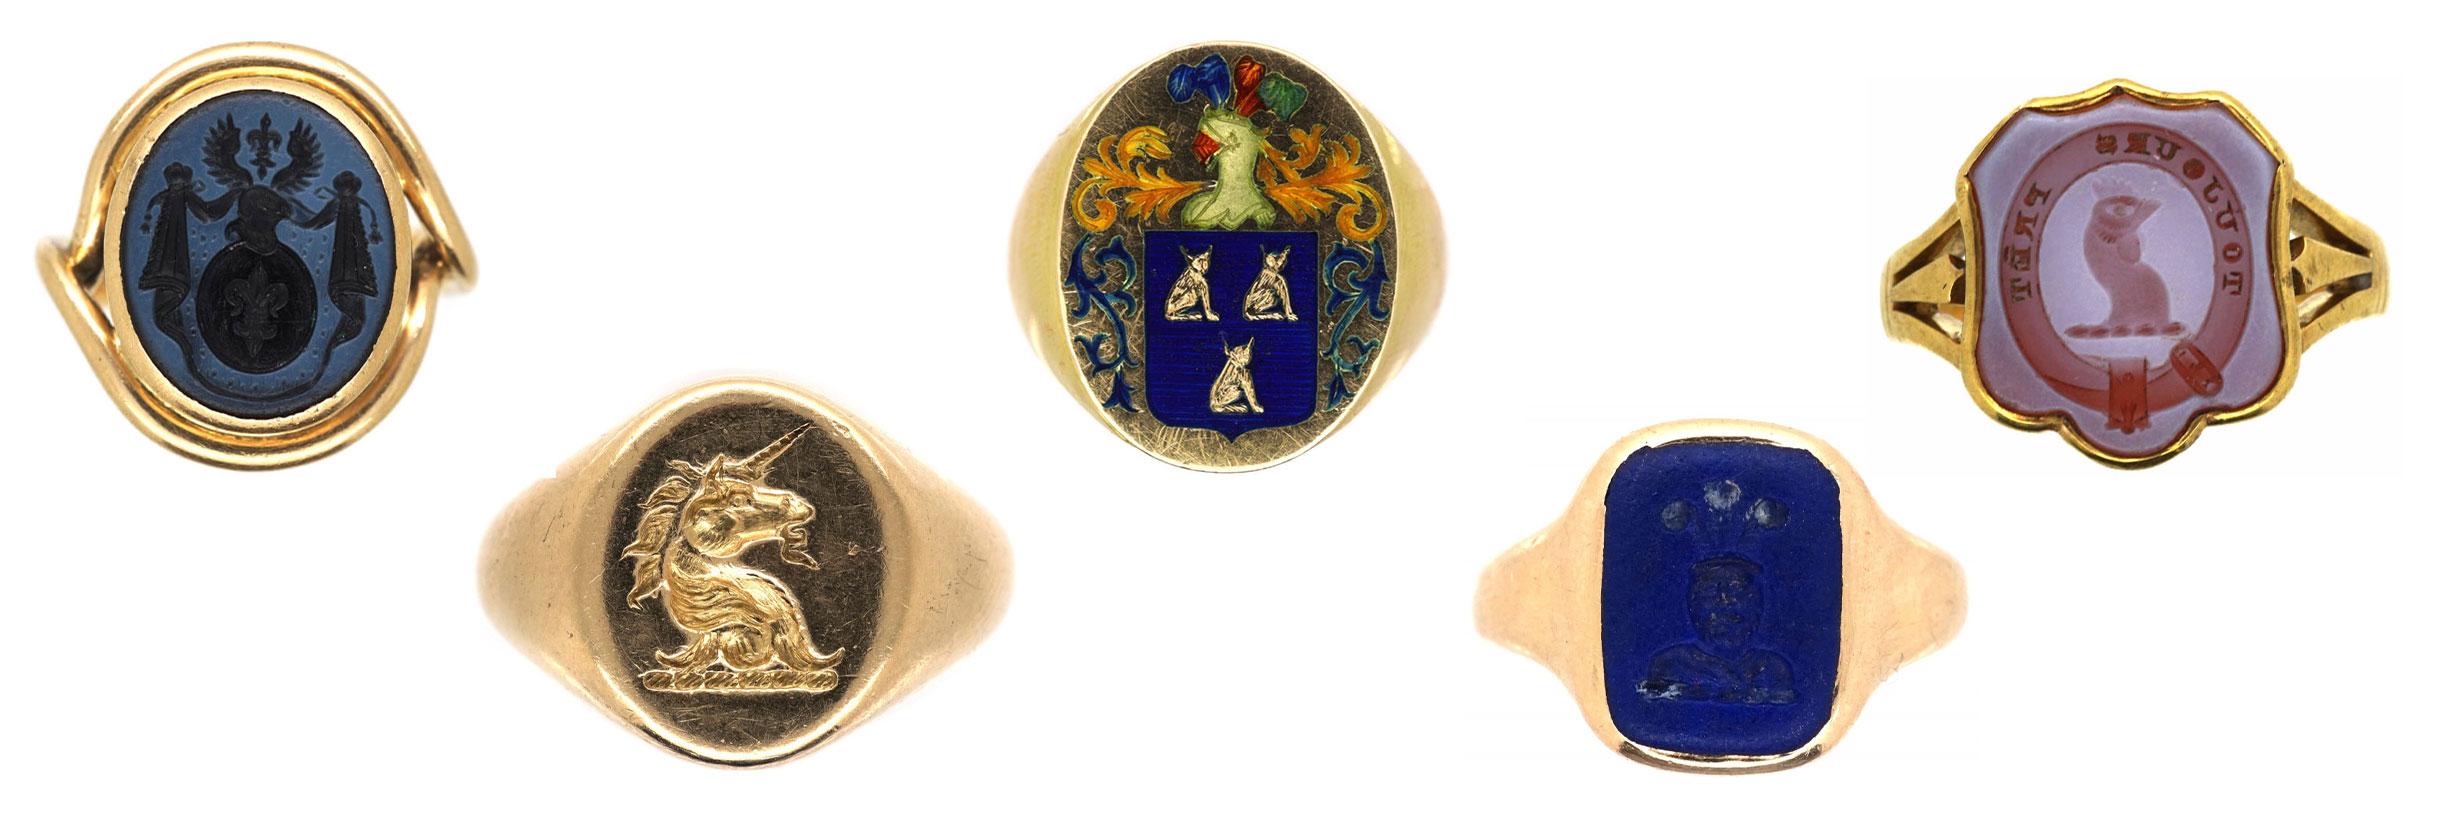 Antique signet rings